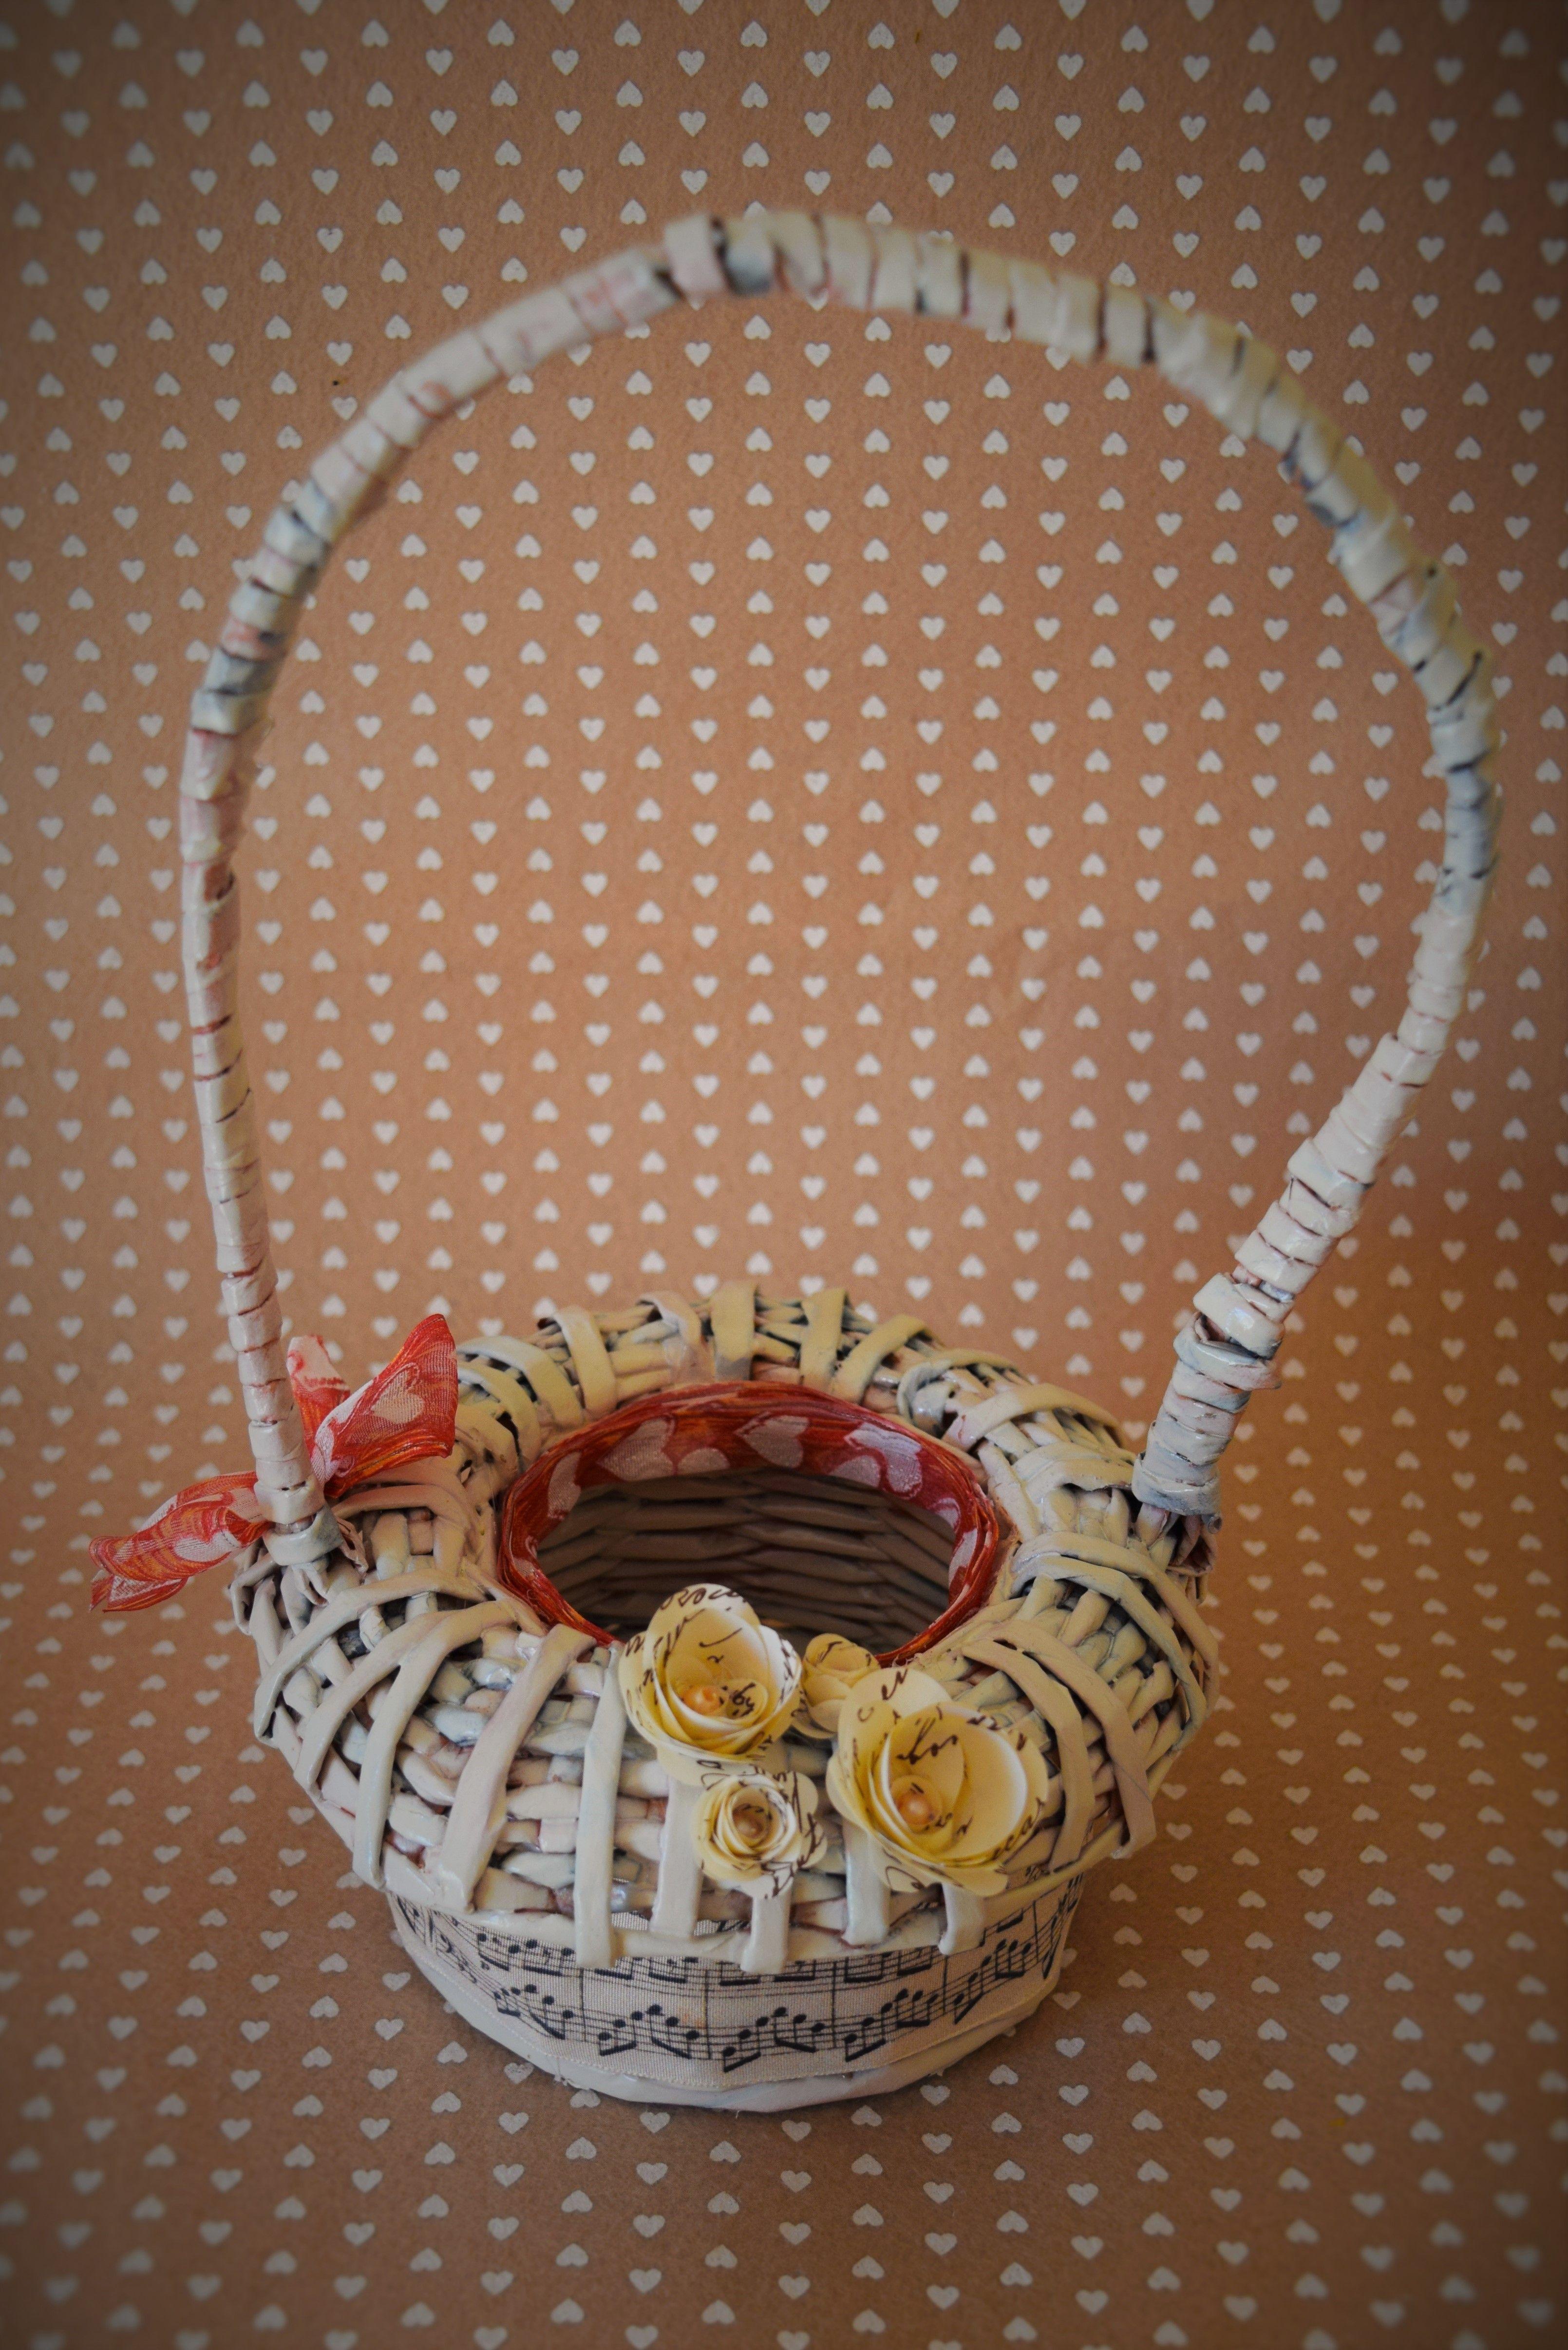 Cestino porta pianta grassa in carta intrecciata con nastro in raso e rose di carta